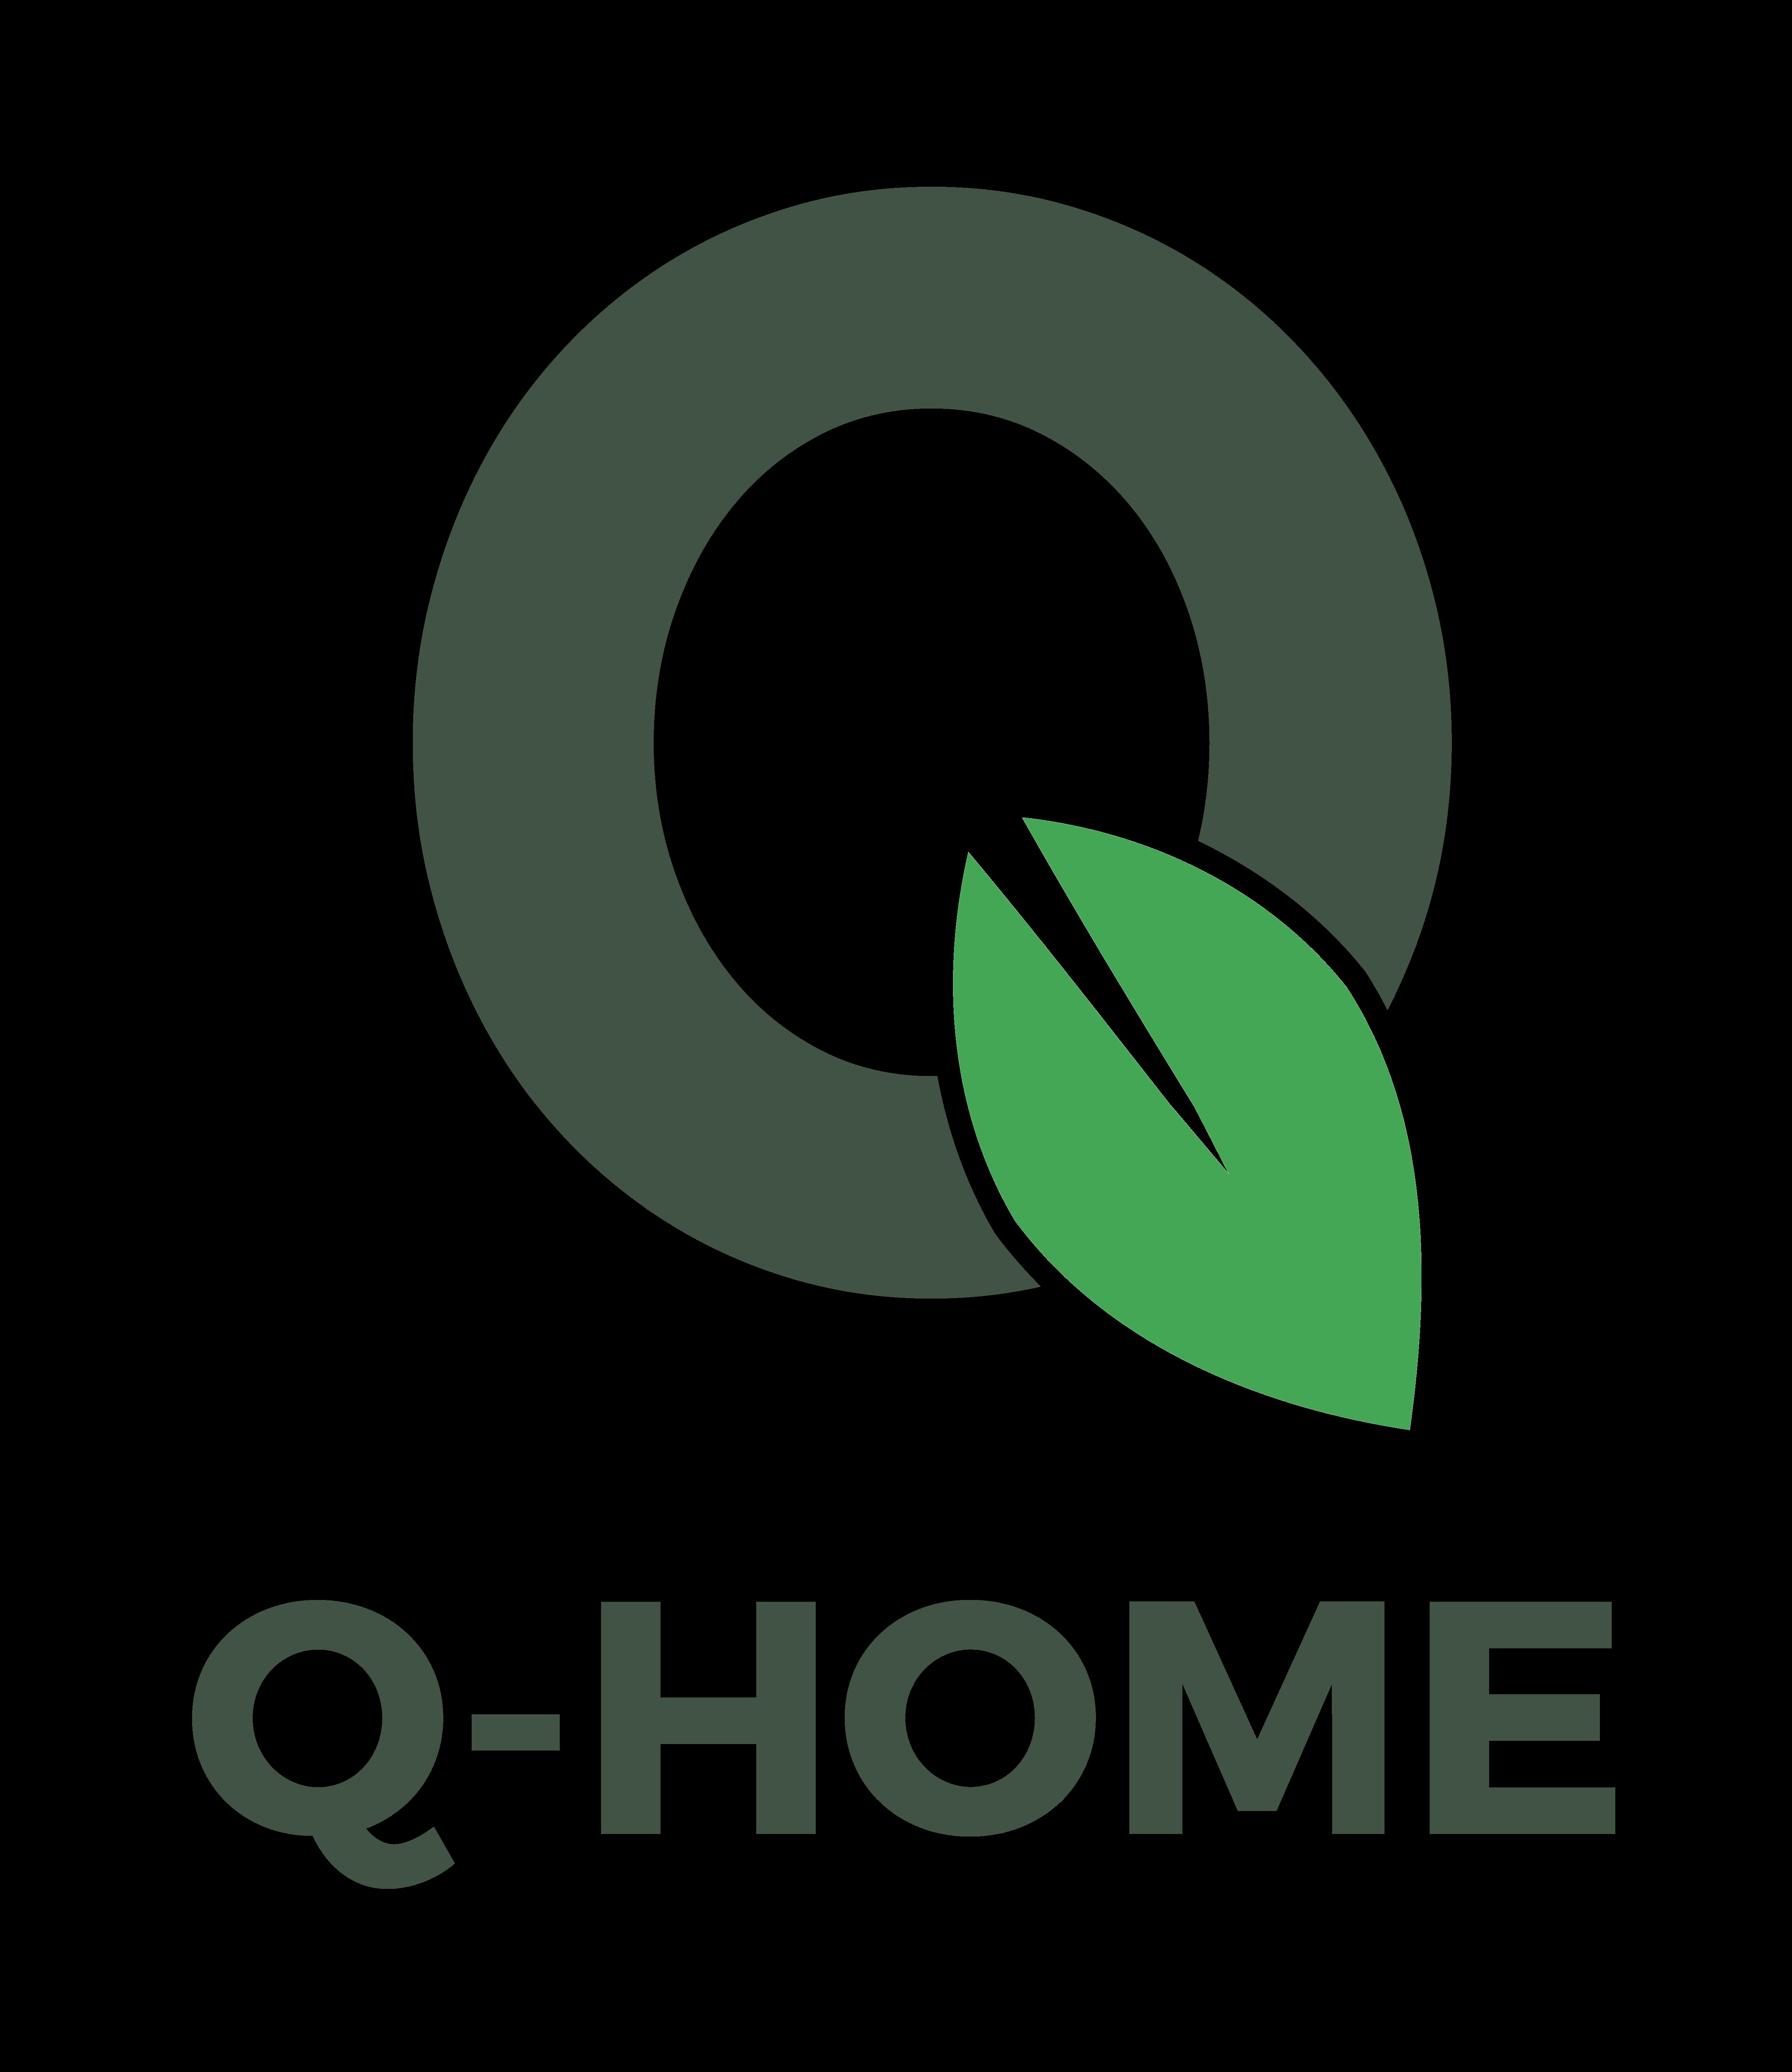 Q-Home